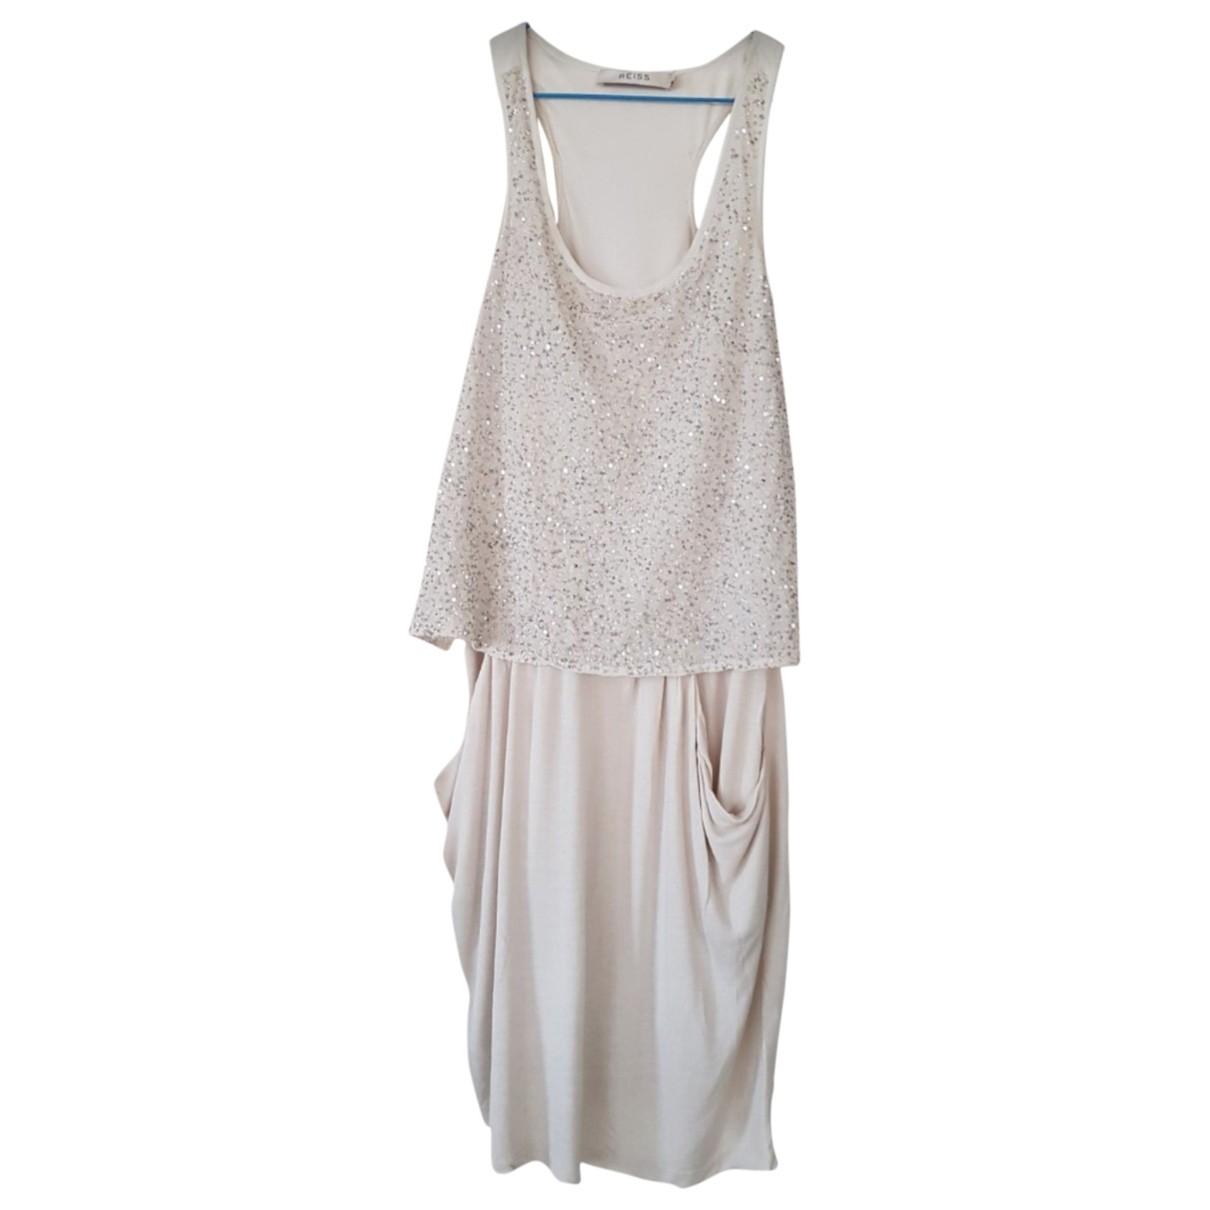 Reiss \N Kleid in  Beige Polyester